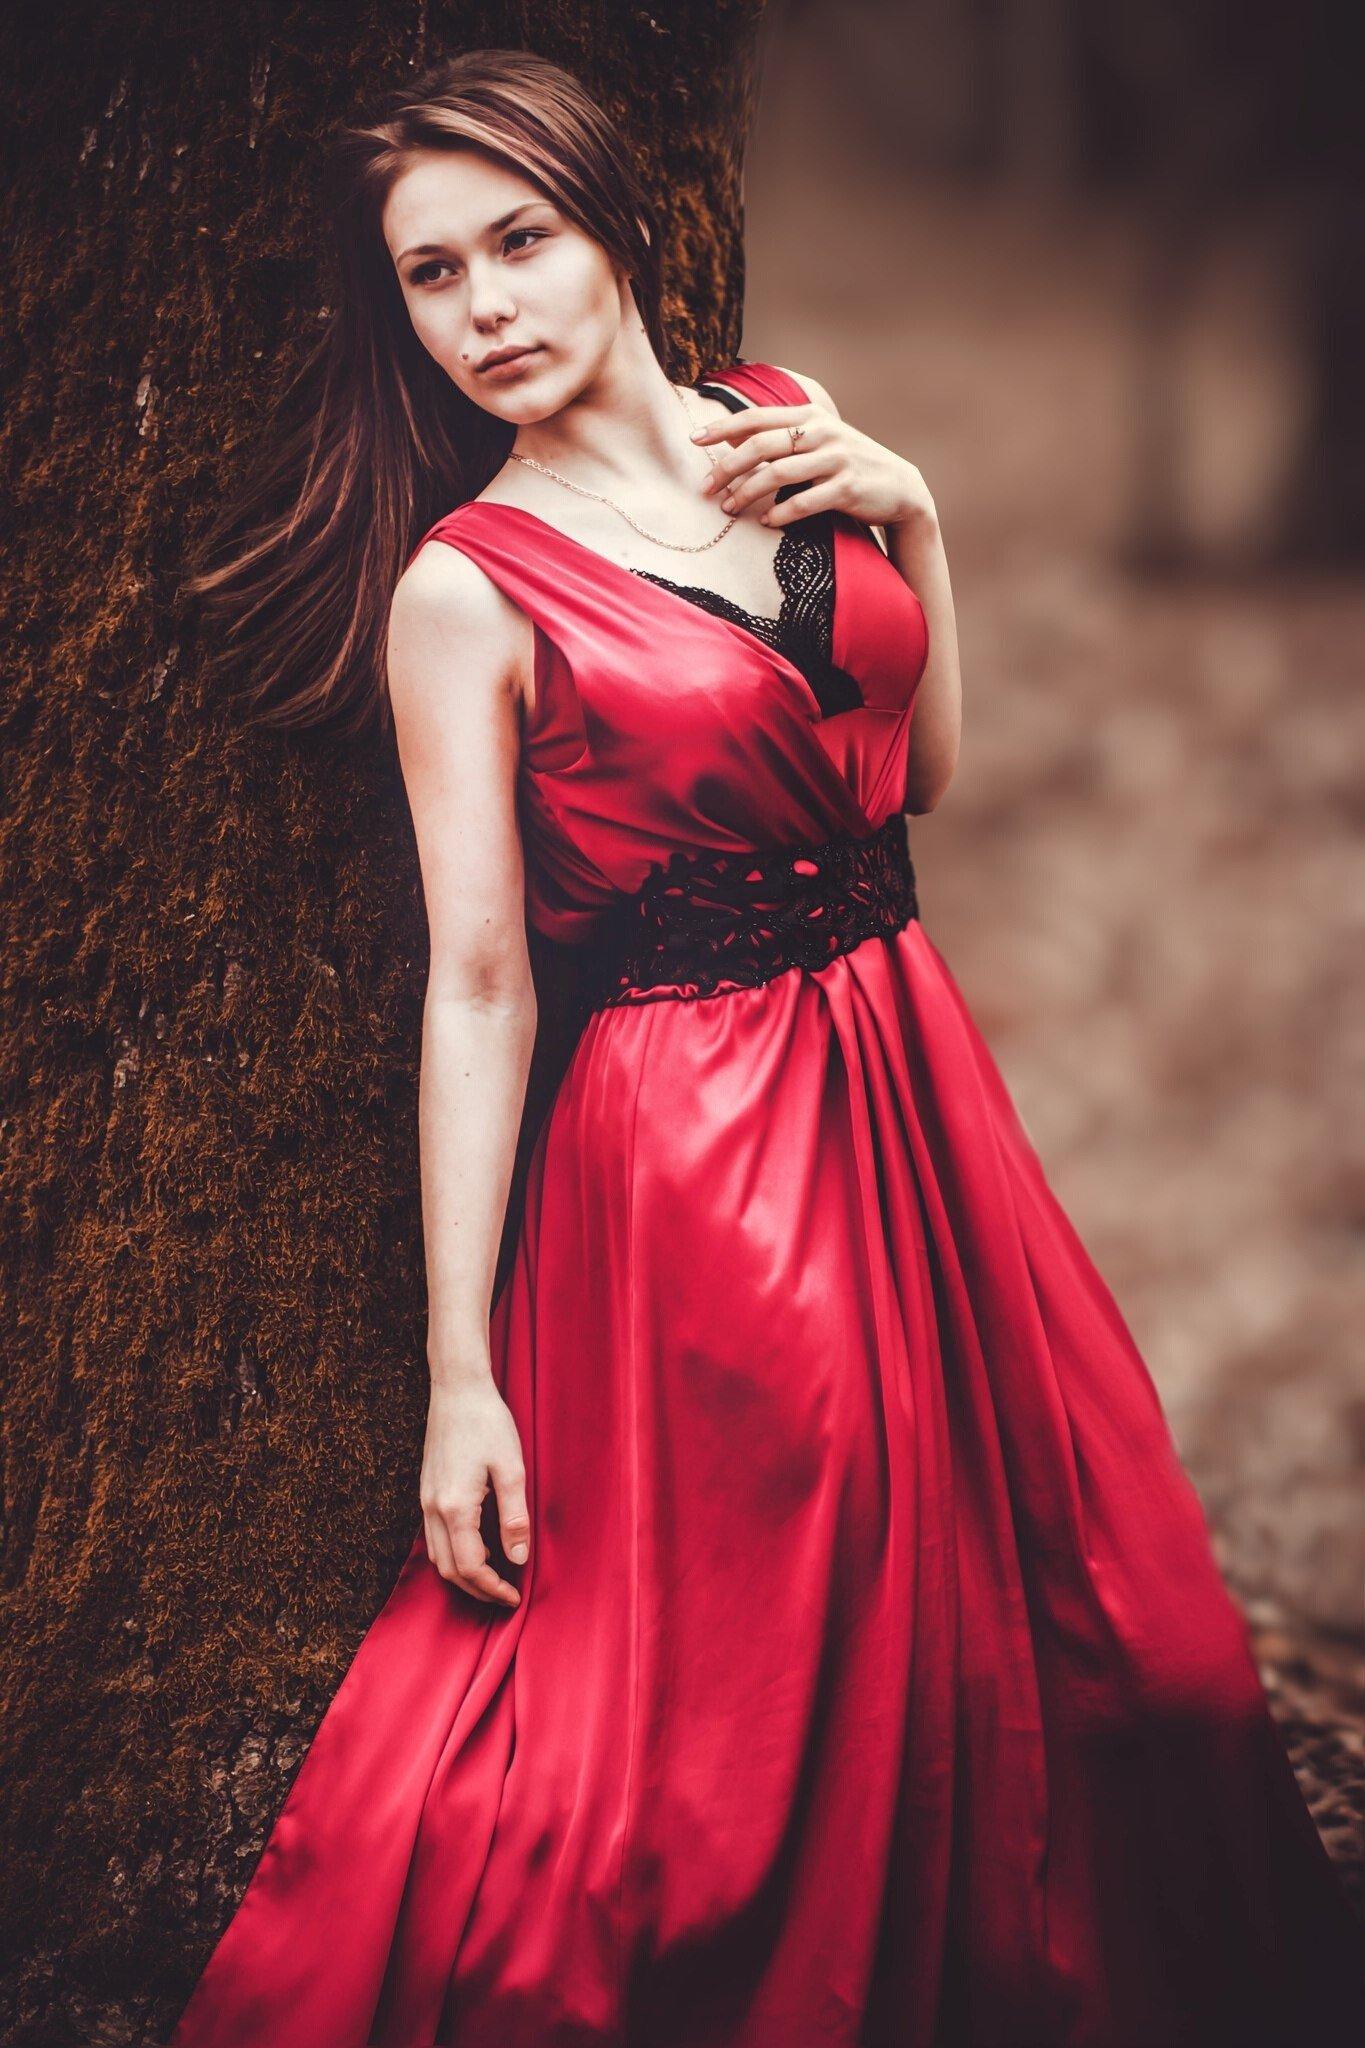 фото девушки в платье например, больше